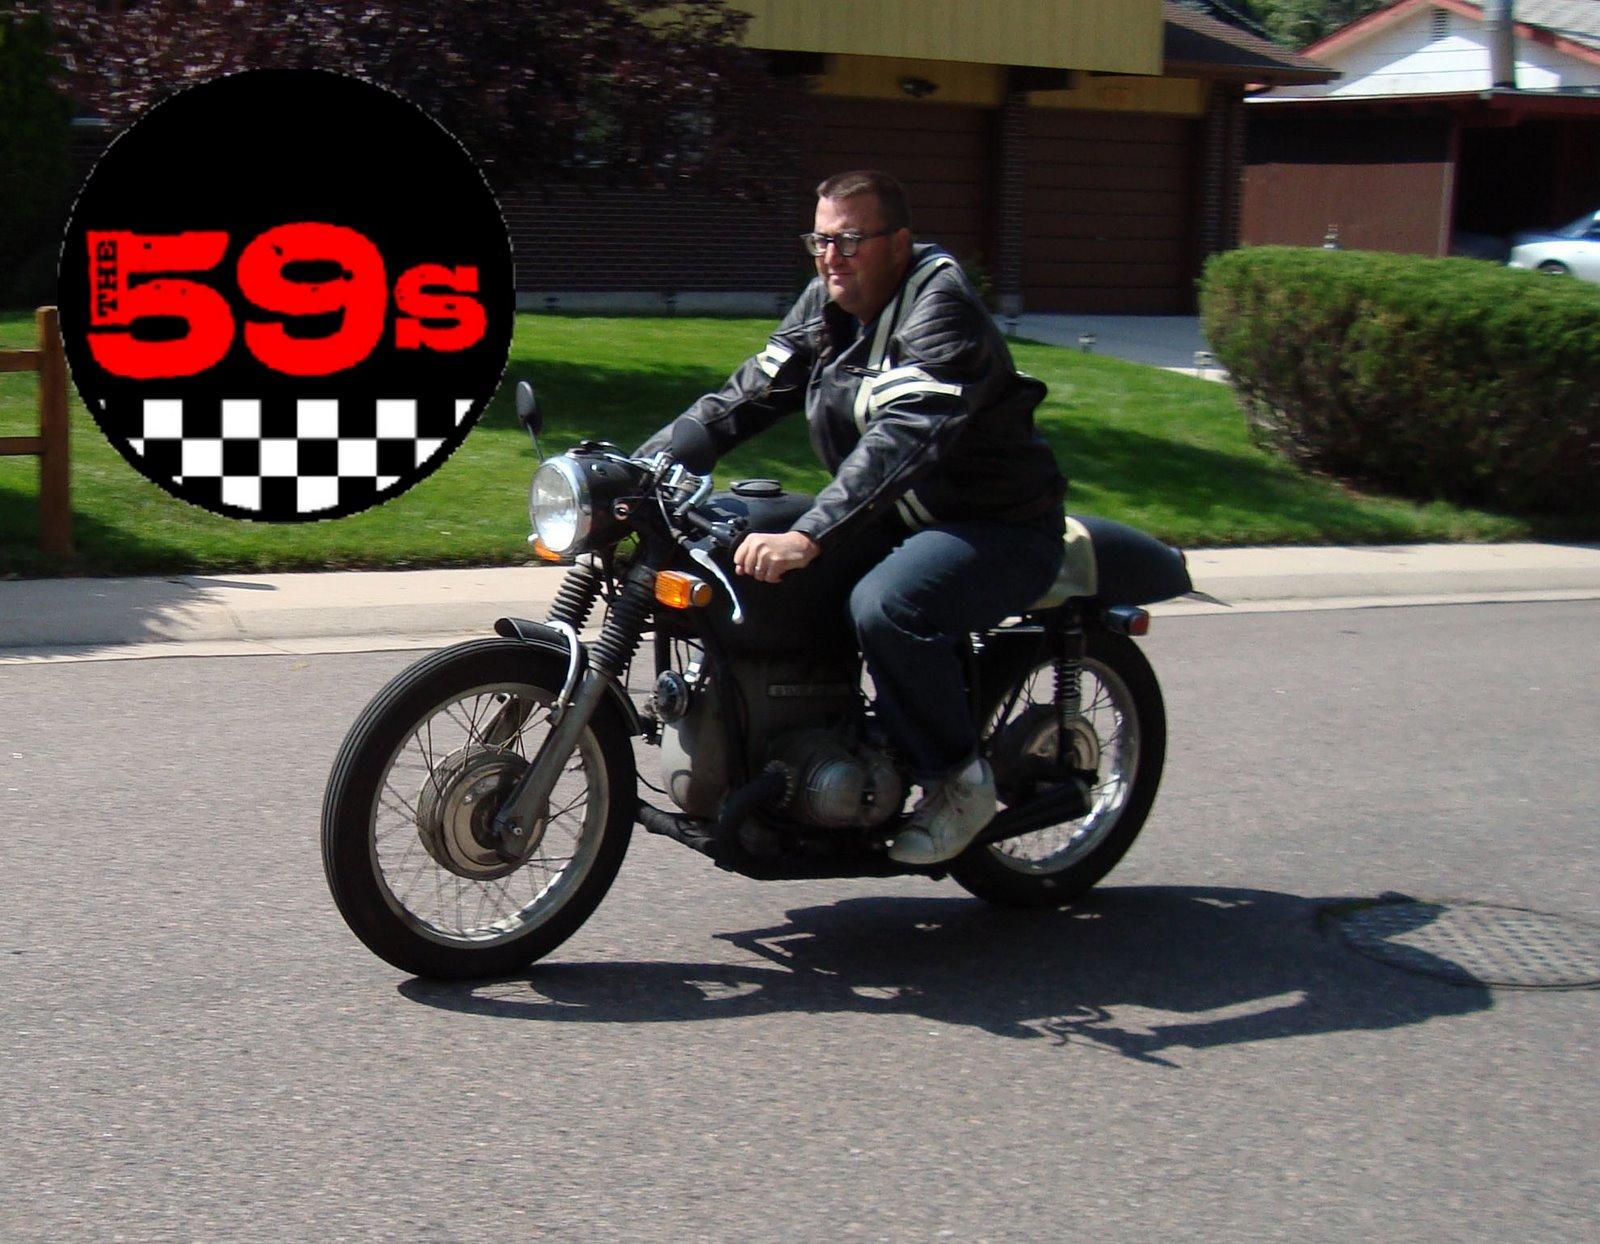 Rocky Mtn. 59s